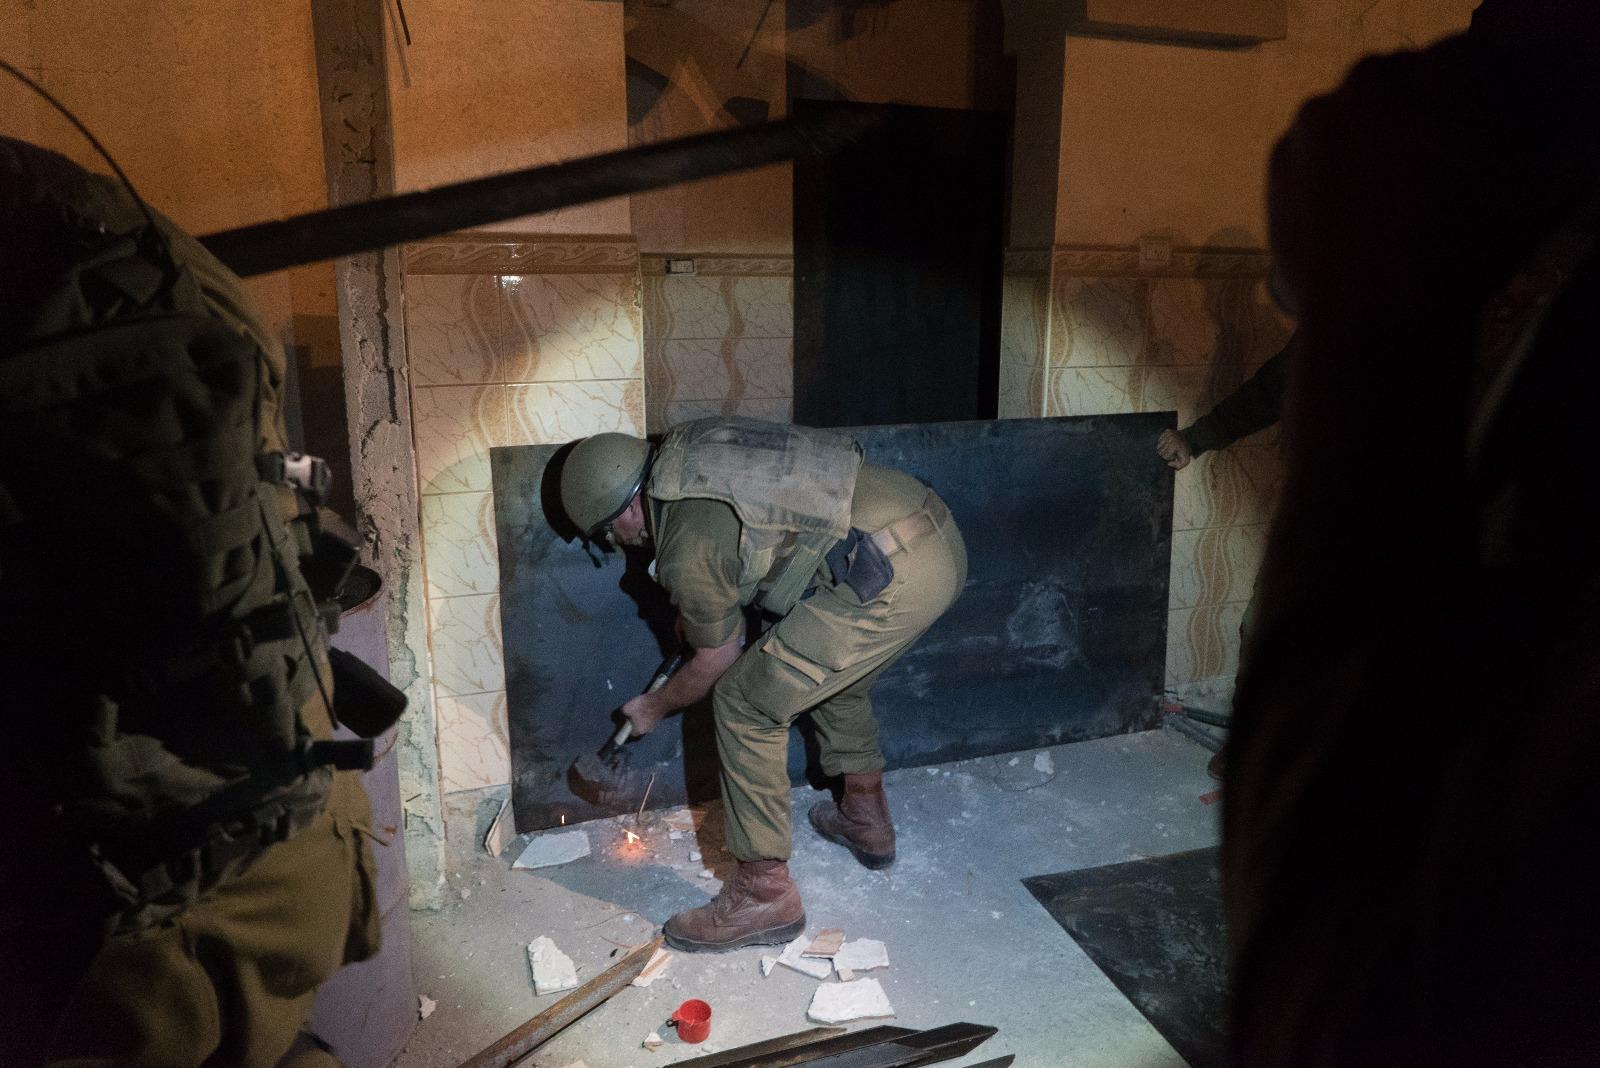 נאטם חדר נוסף בבית המחבל שביצע את הפיגוע בשרונה